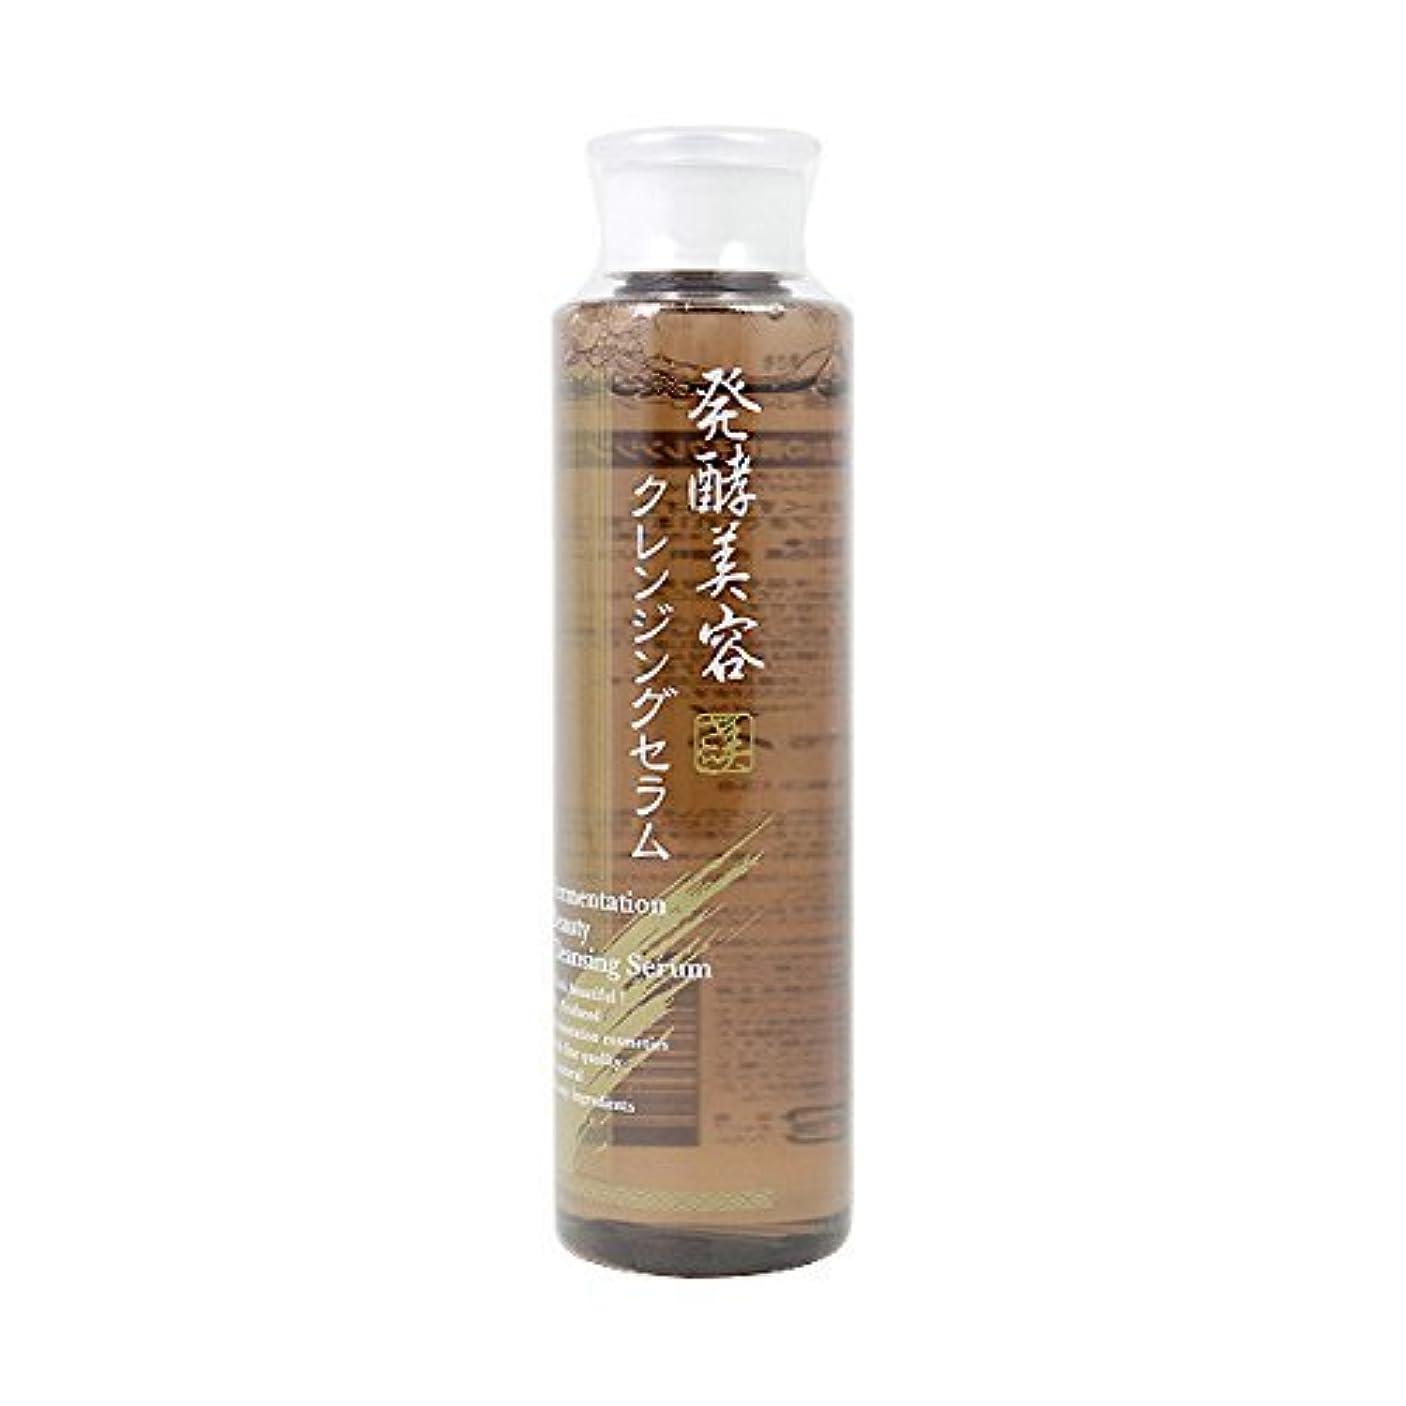 発音真実花束シーヴァ 発酵美容 クレンジングセラム 200ml